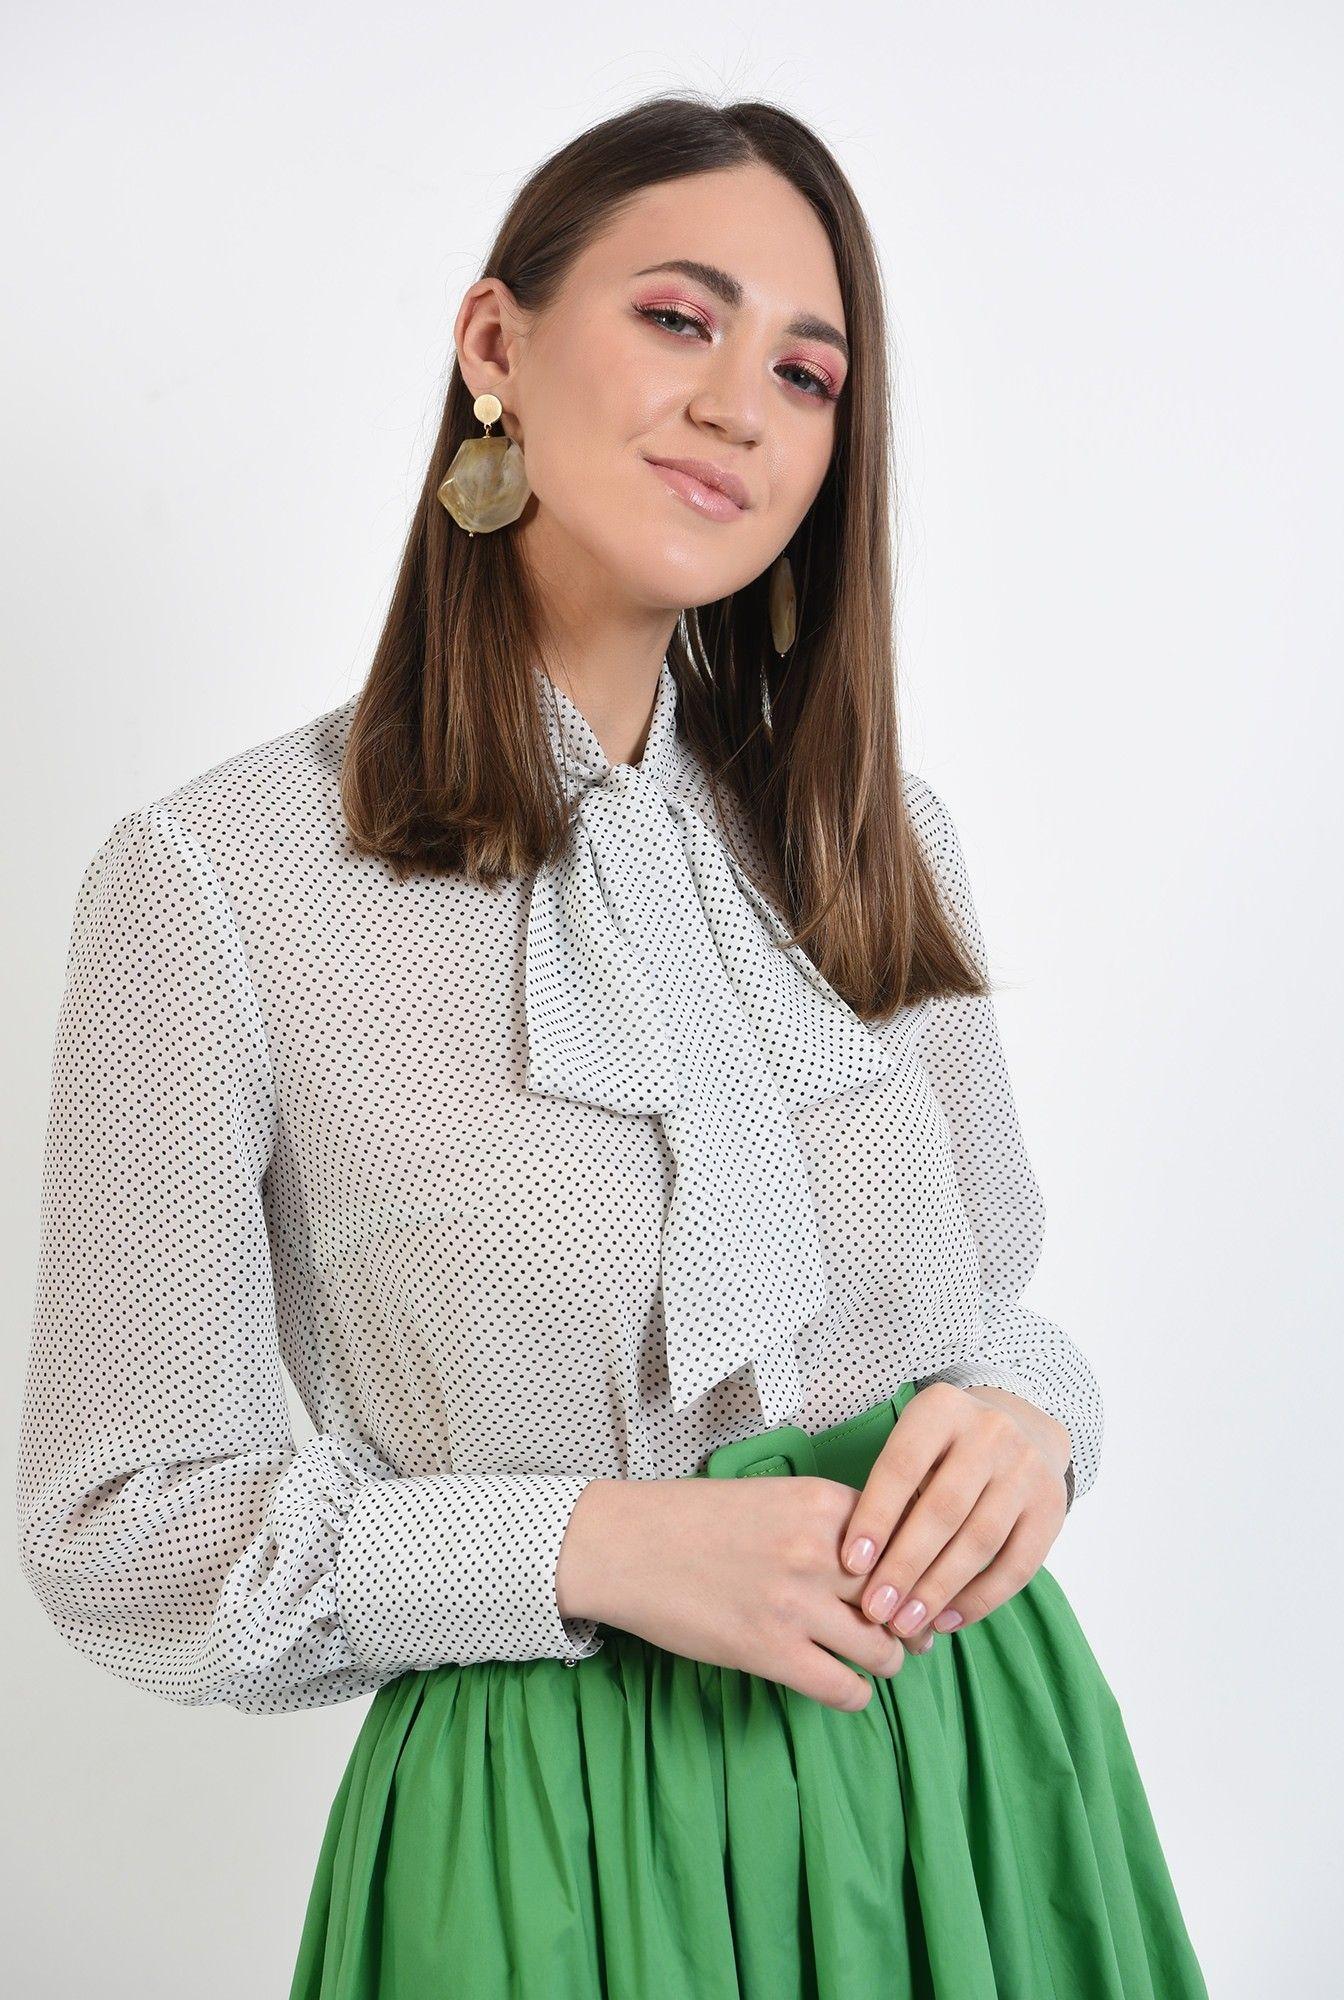 Dating femeie ucraineana singura